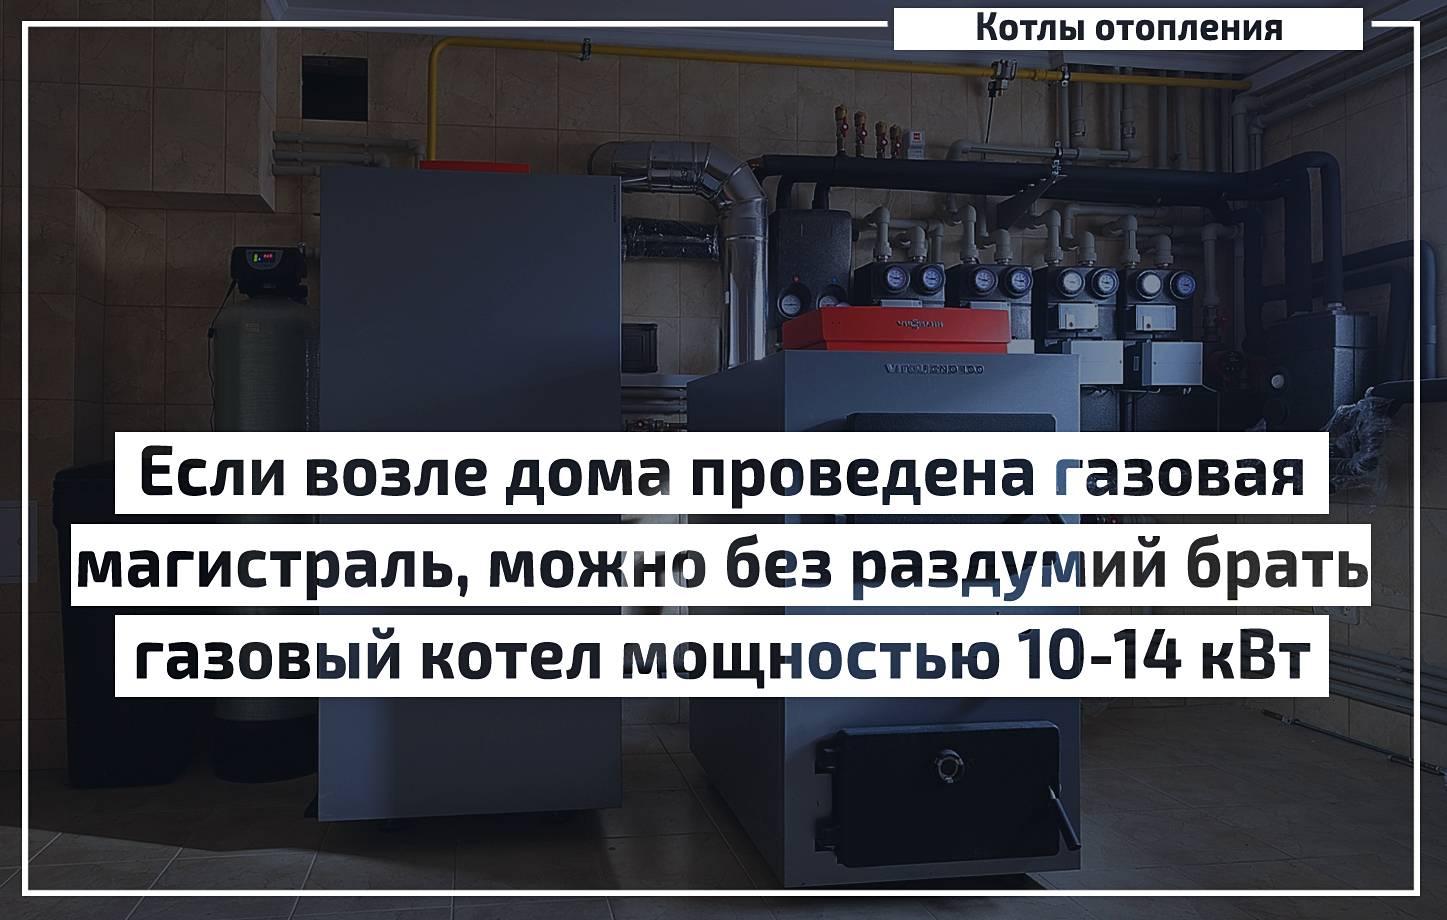 Актуальный рейтинг настенных двухконтурных газовых котлов: лучшие модели для дома по версии ichip.ru